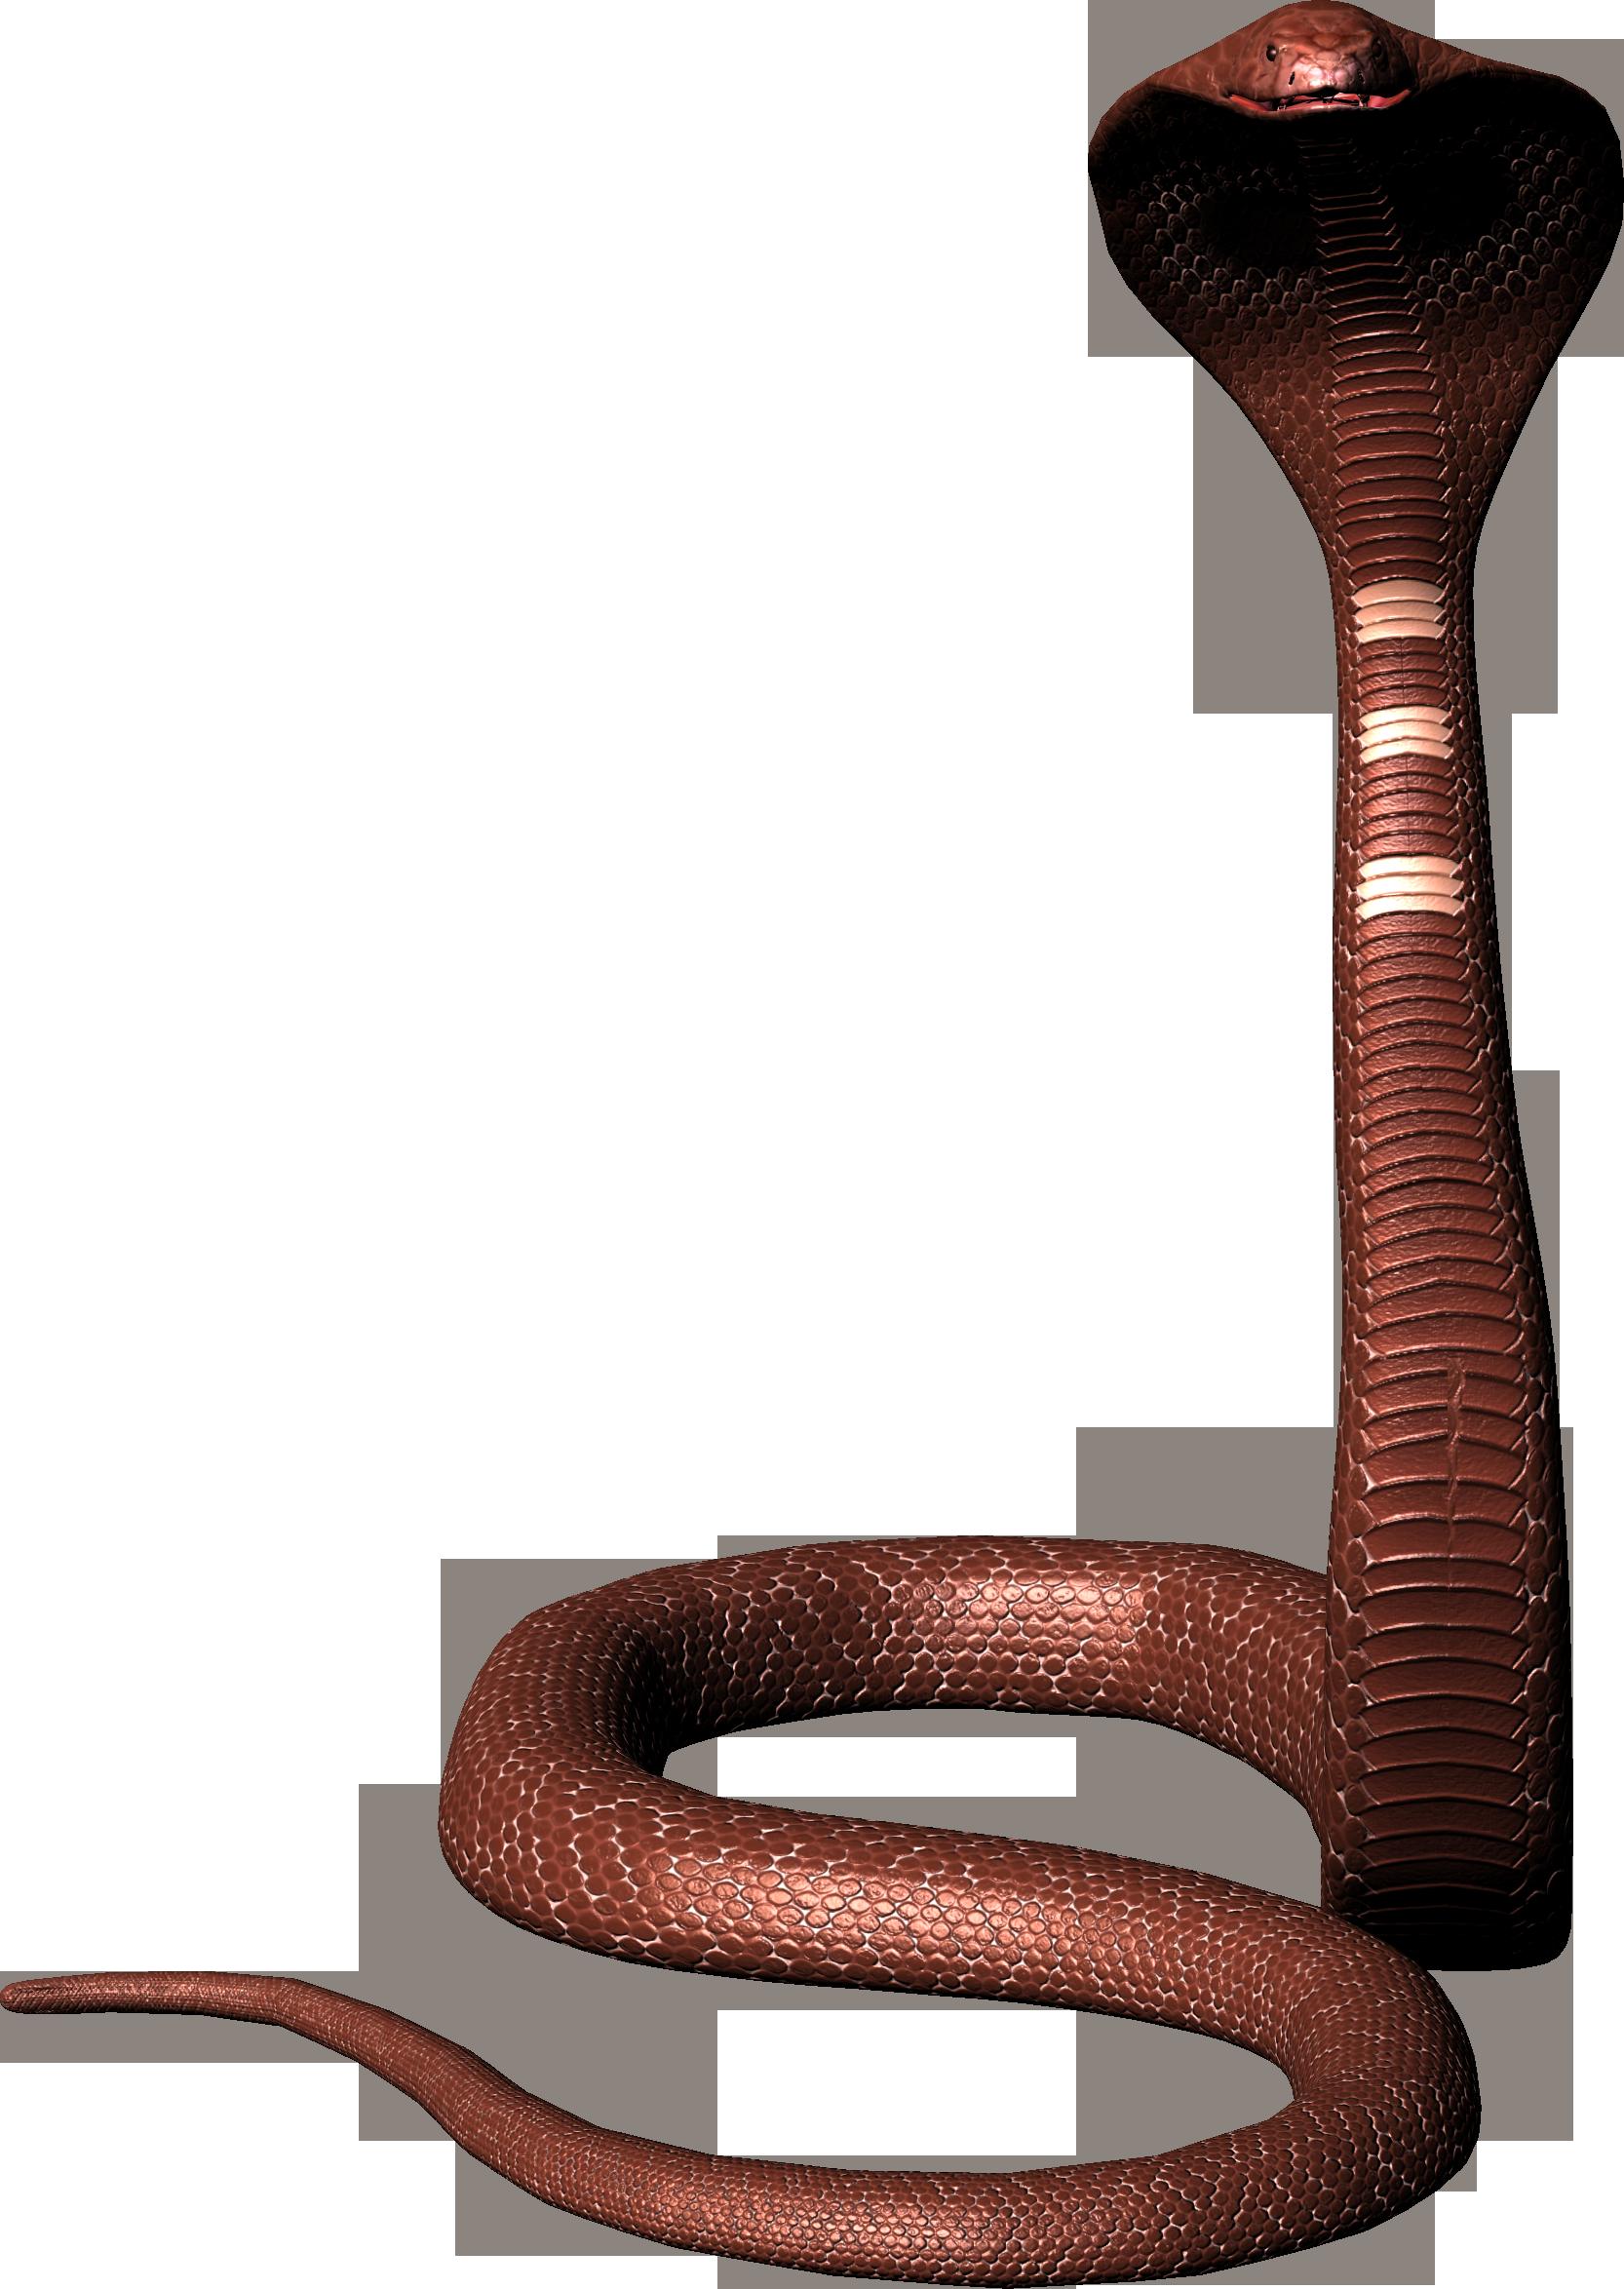 Cobra clipart snakeblack. Snake png image free